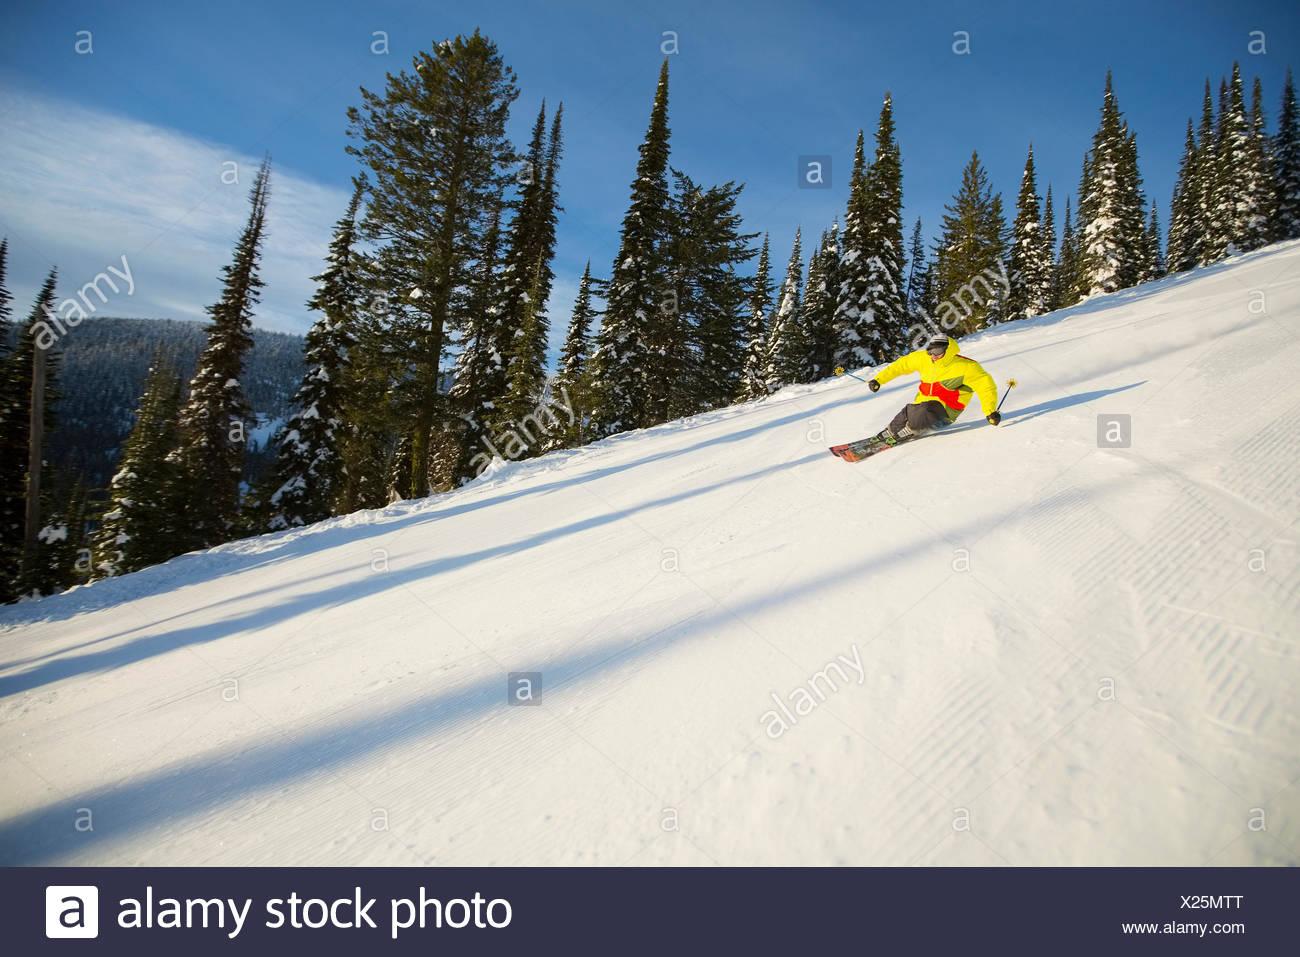 Basso angolo vista del giovane uomo sulla pista da sci Immagini Stock